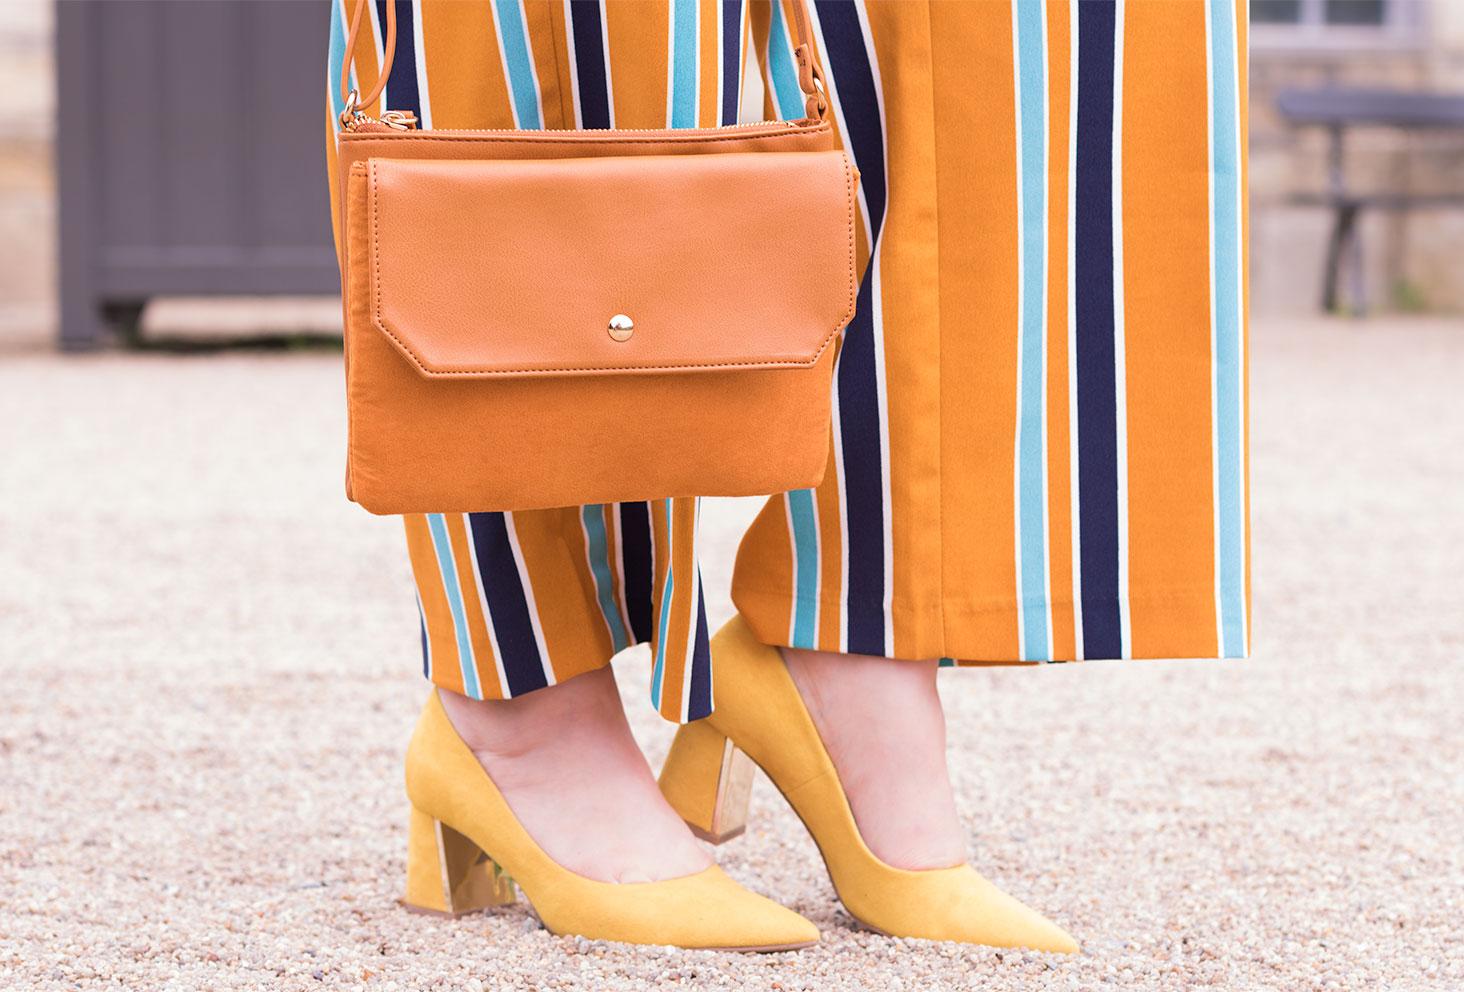 Pochette Kiabi portée devant un pantalon fluide jaune à rayures et escarpins jaunes